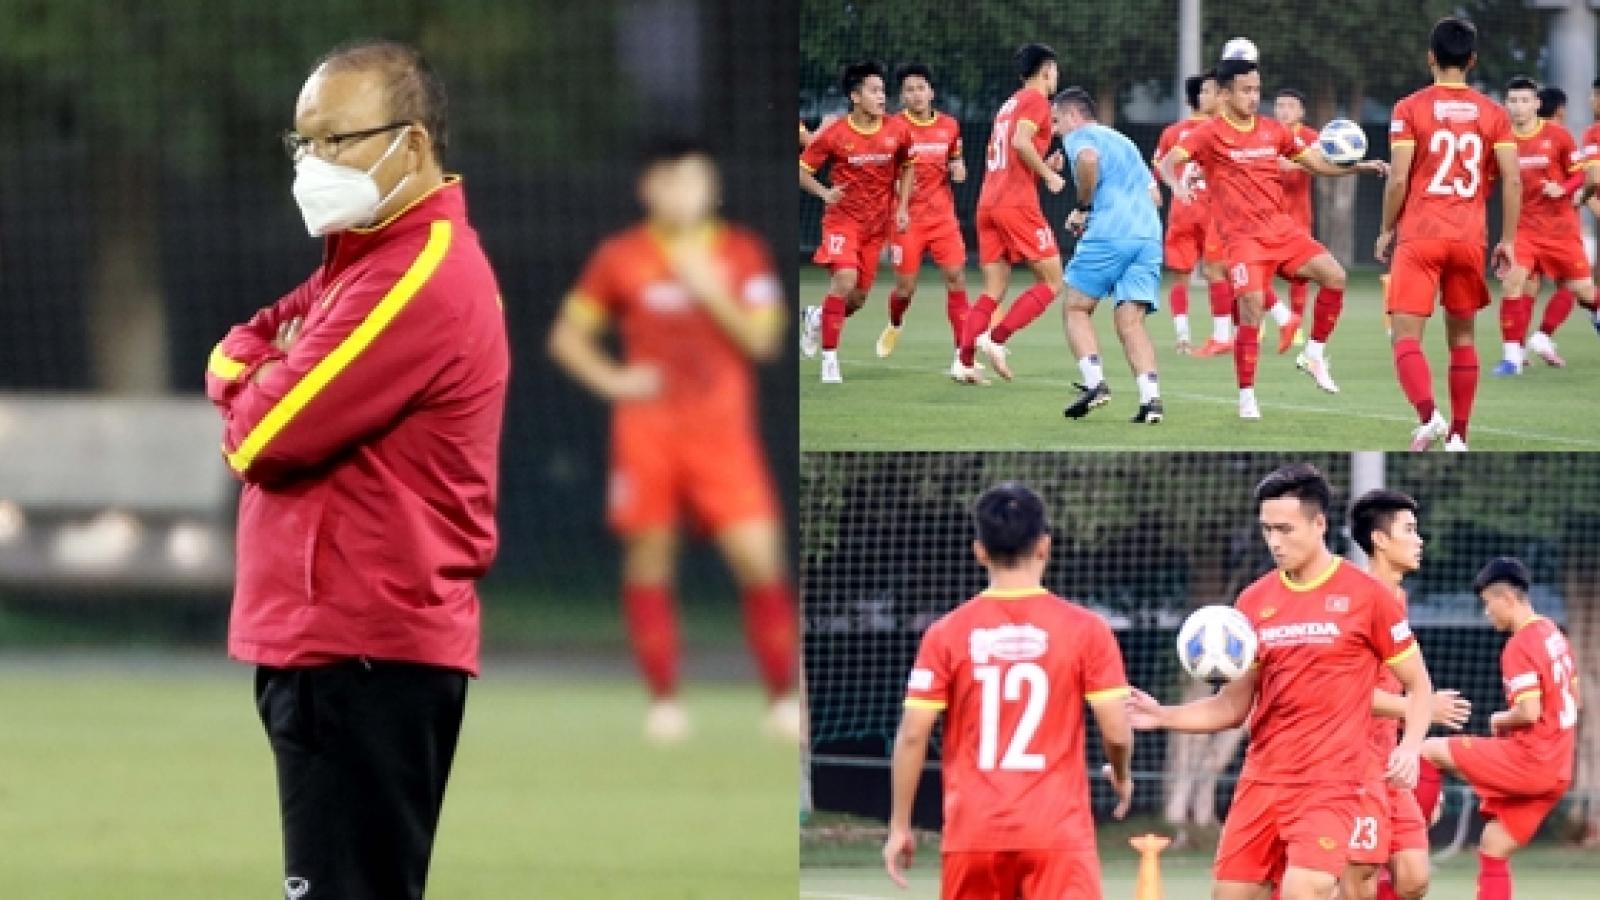 U23 Việt Nam lần đầu đầy đủ quân số, thầy Park có động thái đặc biệt